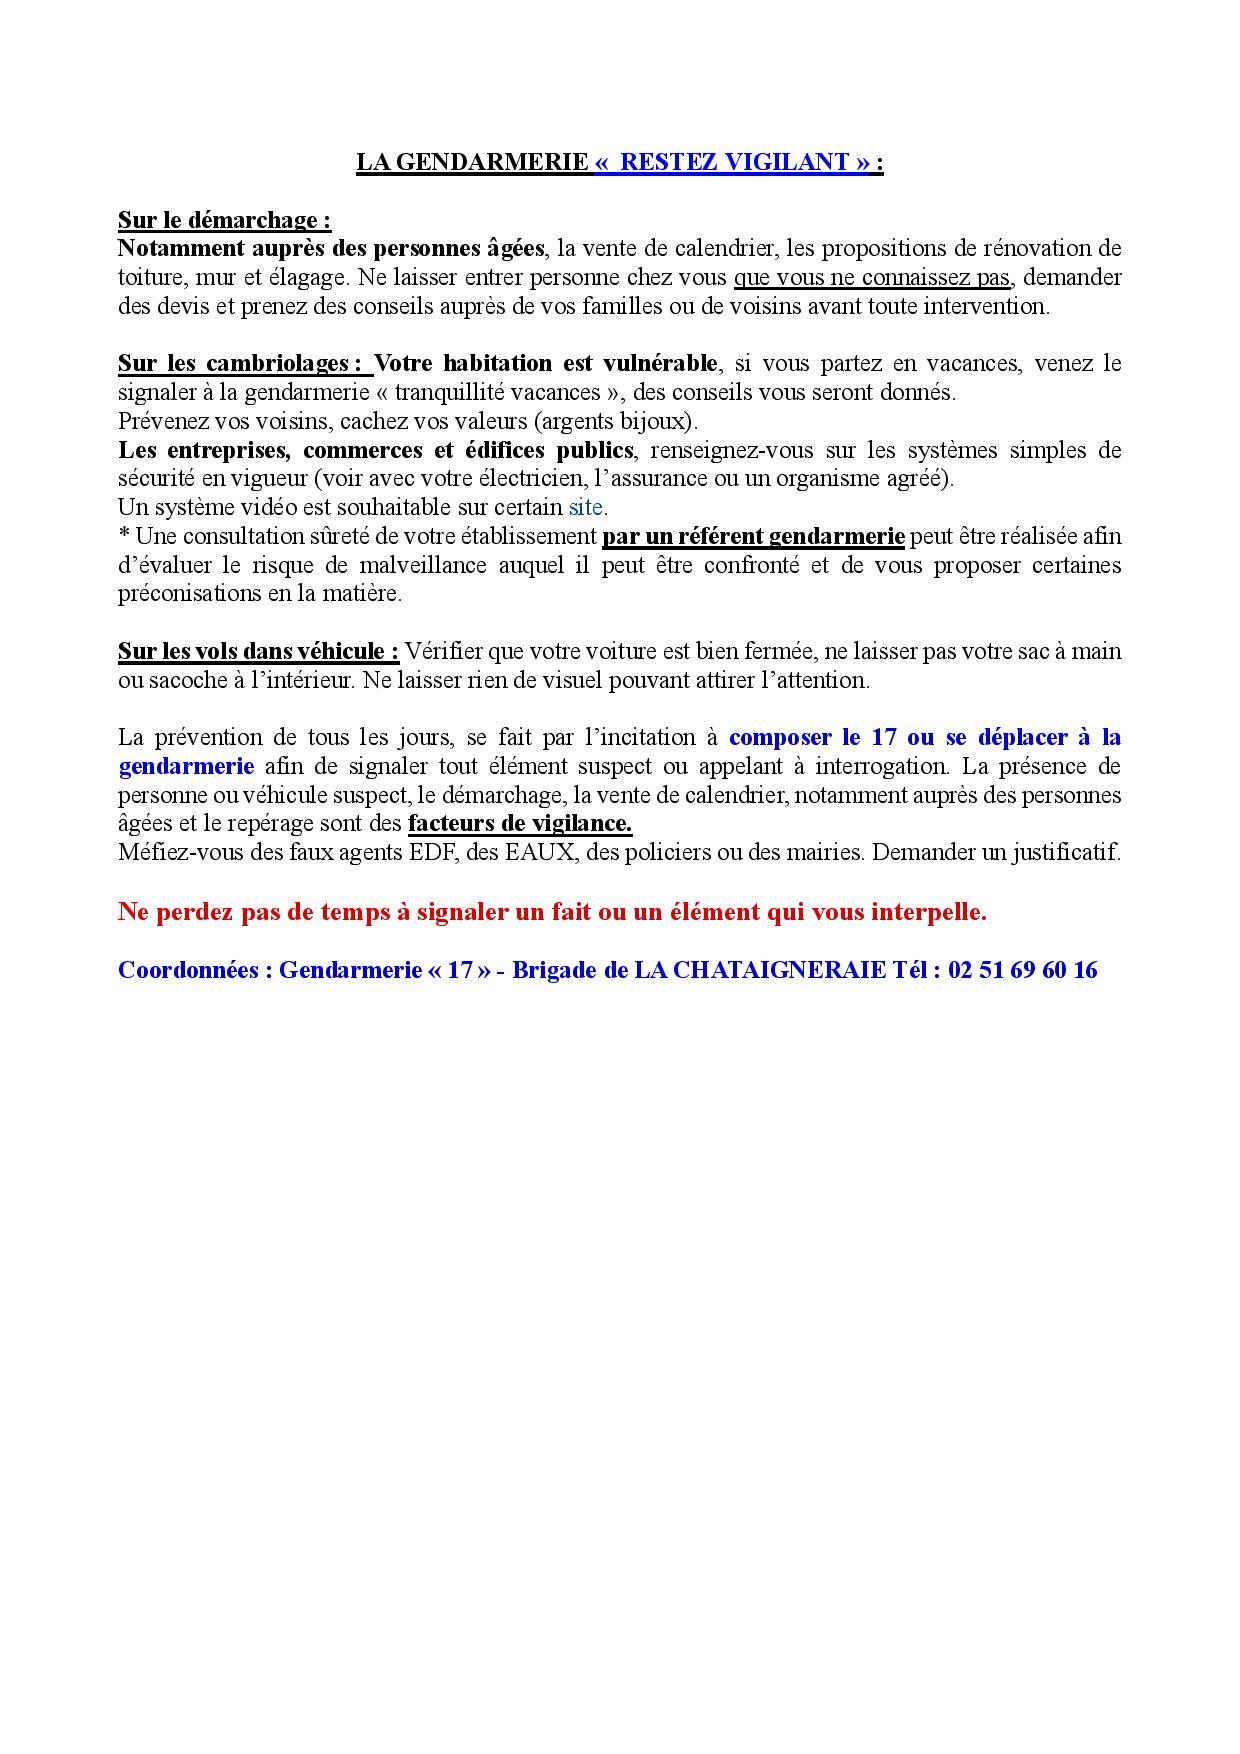 article_pour_les_bulletins_communaux_-restez_vigilant--page-001.jpg